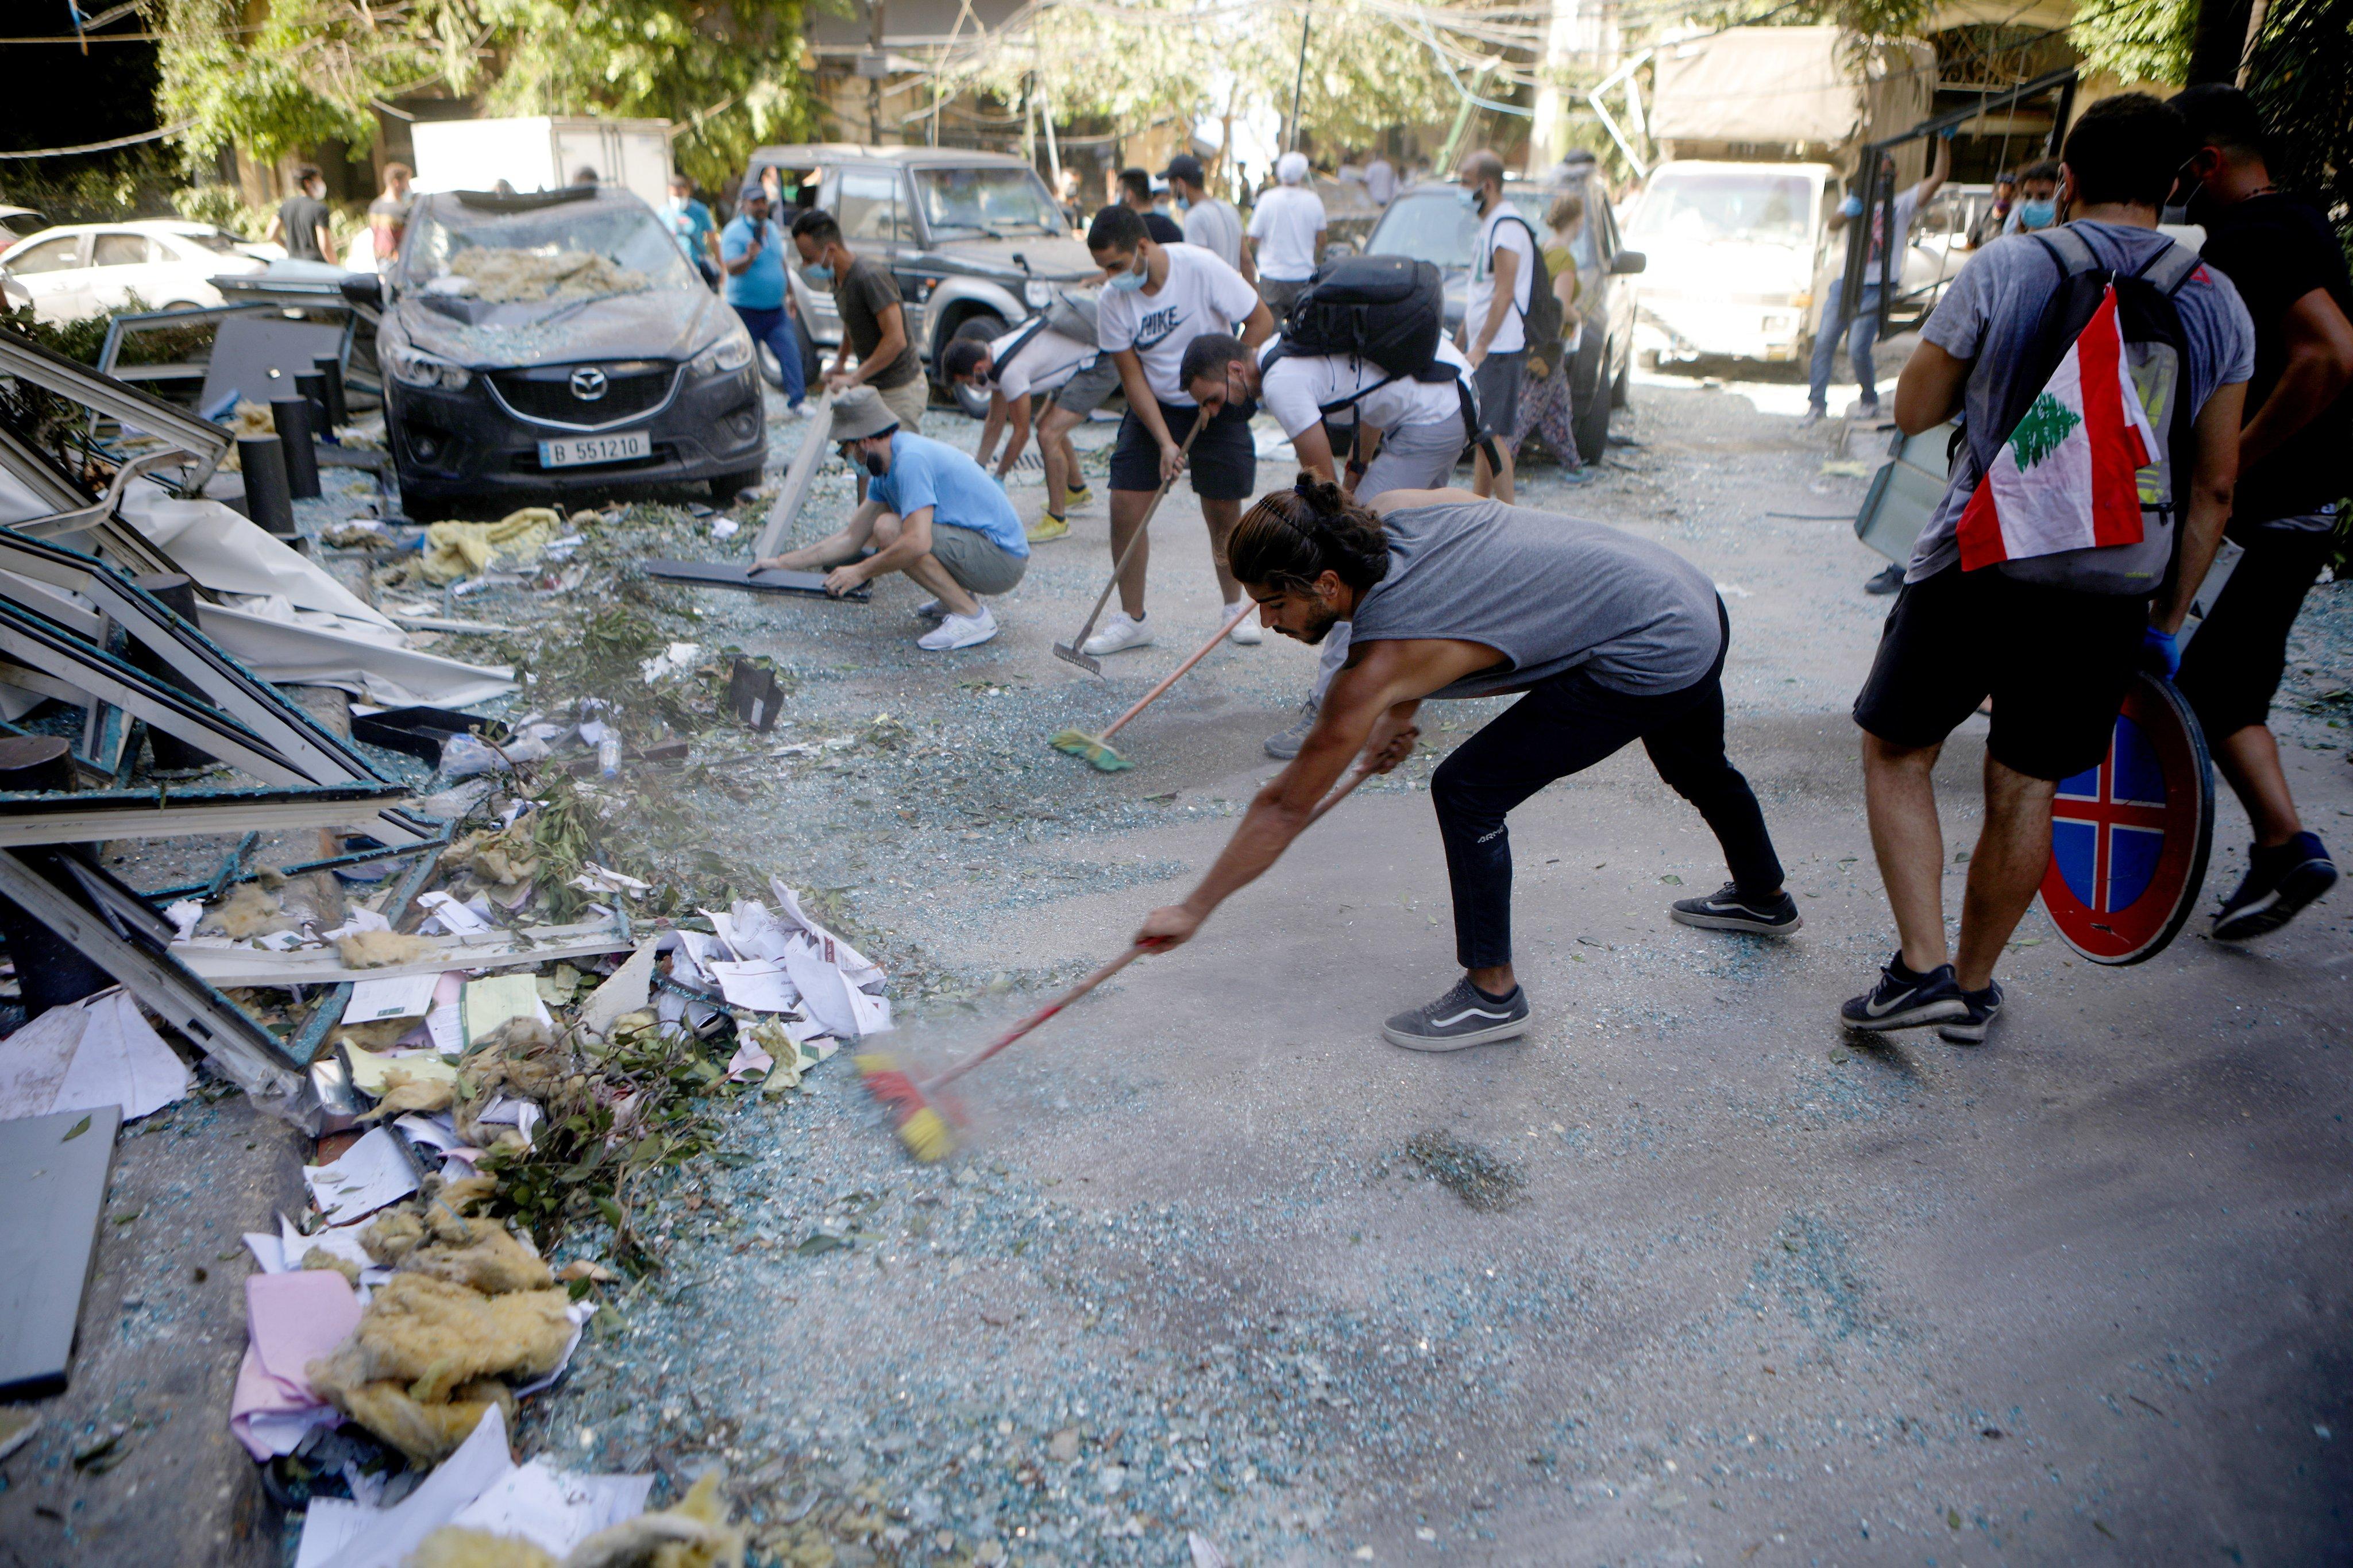 Brasil enviará avião com ajuda humanitária ao Líbano após explosões